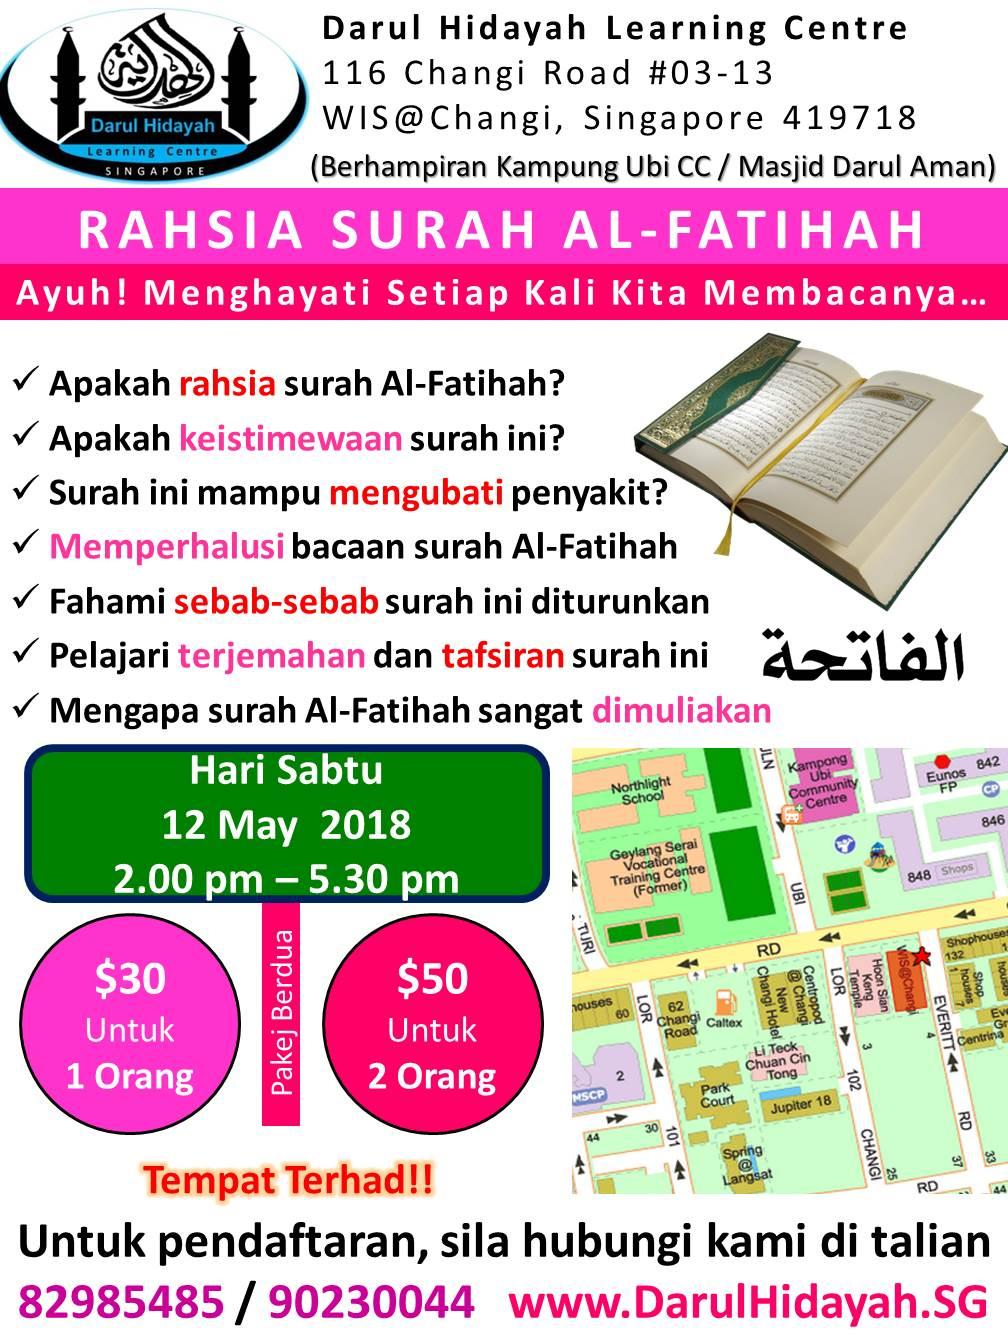 Rahsia Surah Al-Fatihah 12 May 2018